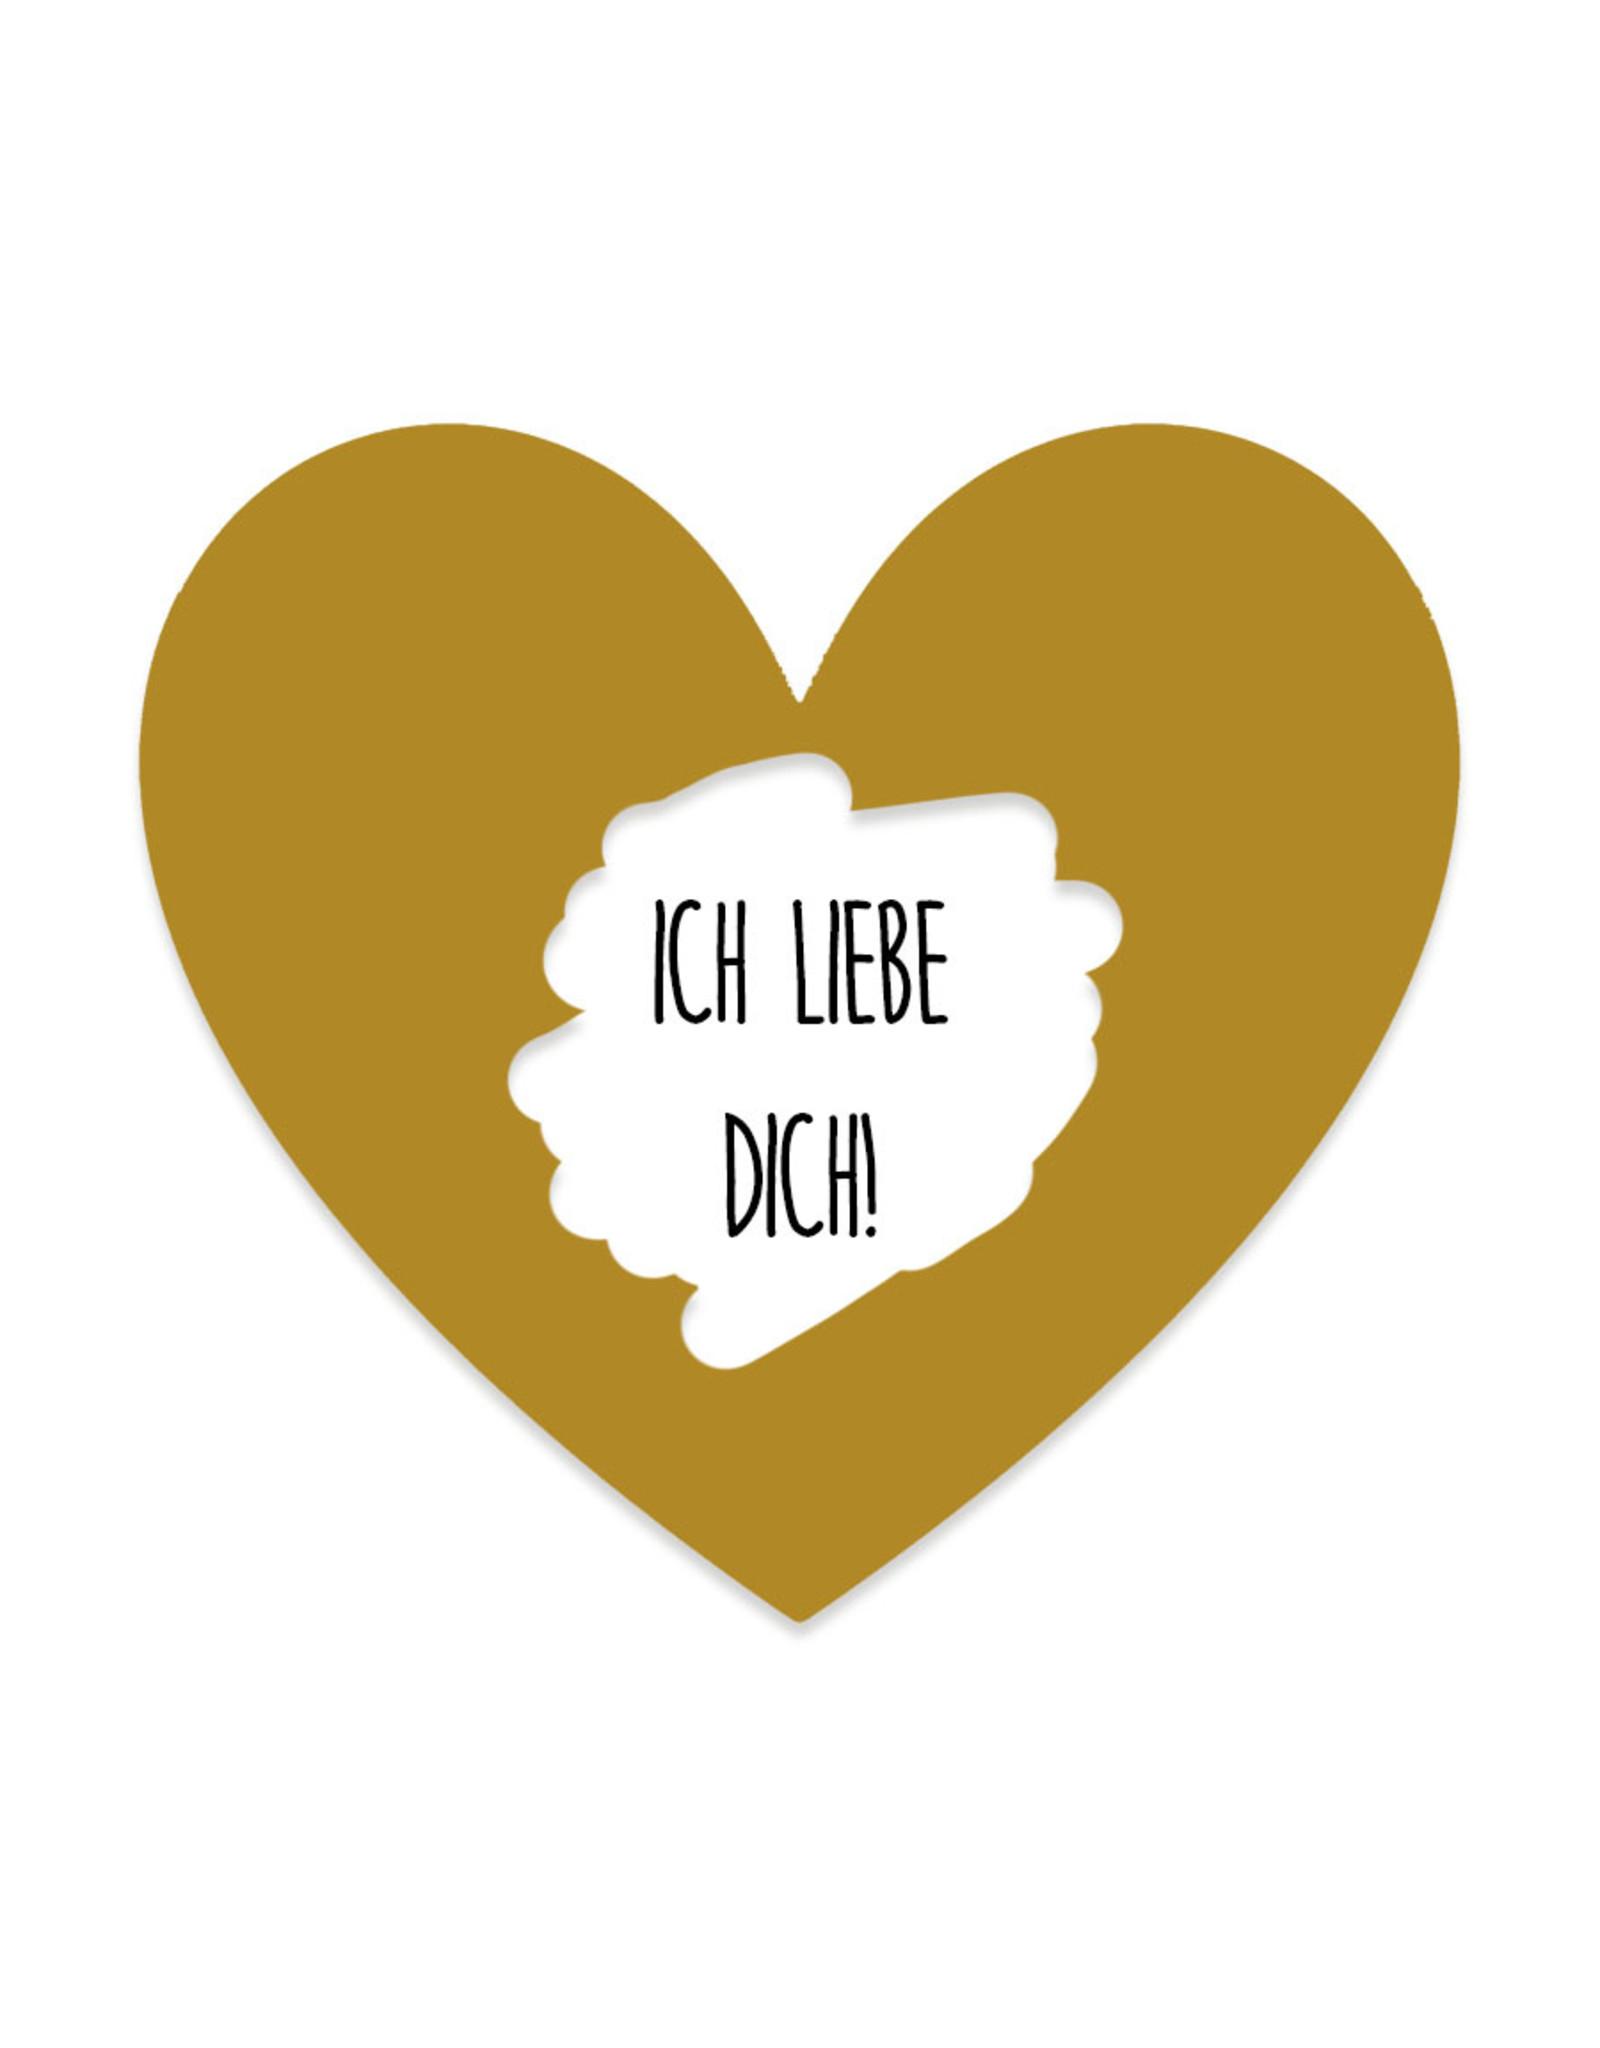 25 Rubbeletiketten Herz GOLD, Rubbelsticker Herz 6,5 cm